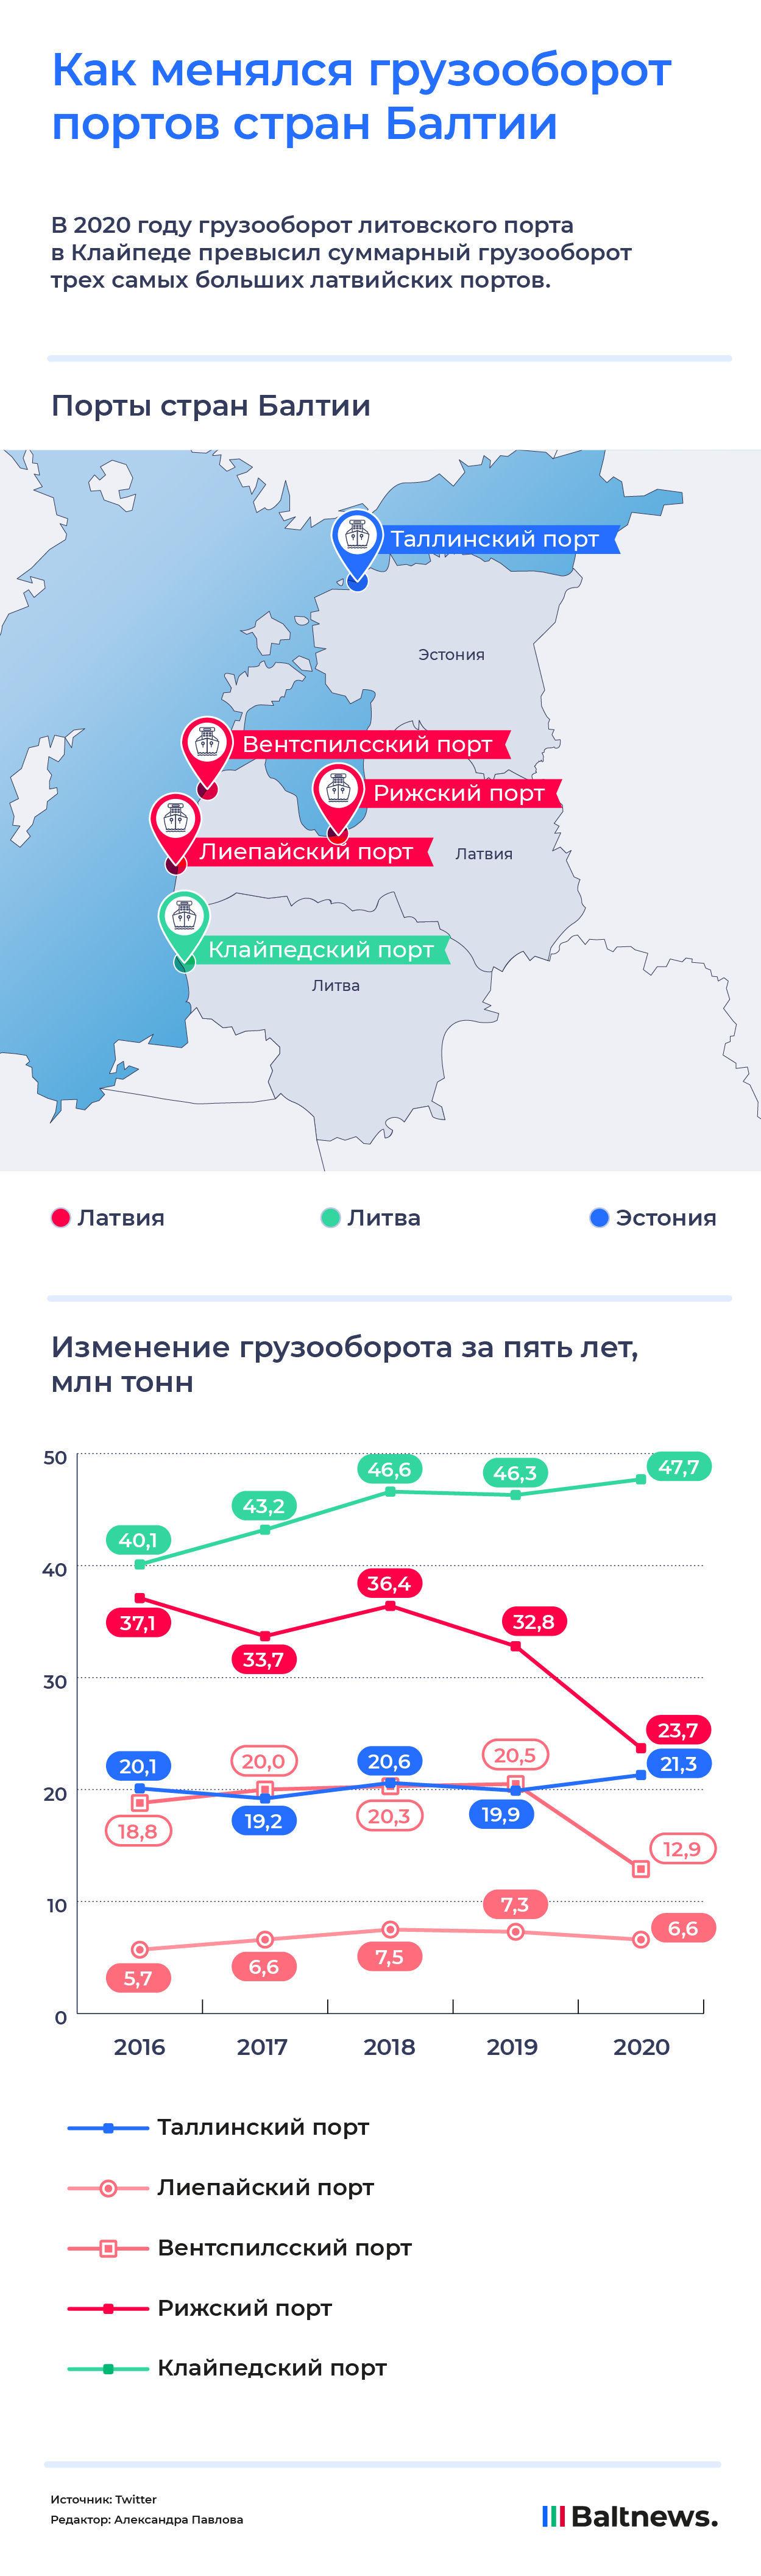 Транзит в портах Прибалтики